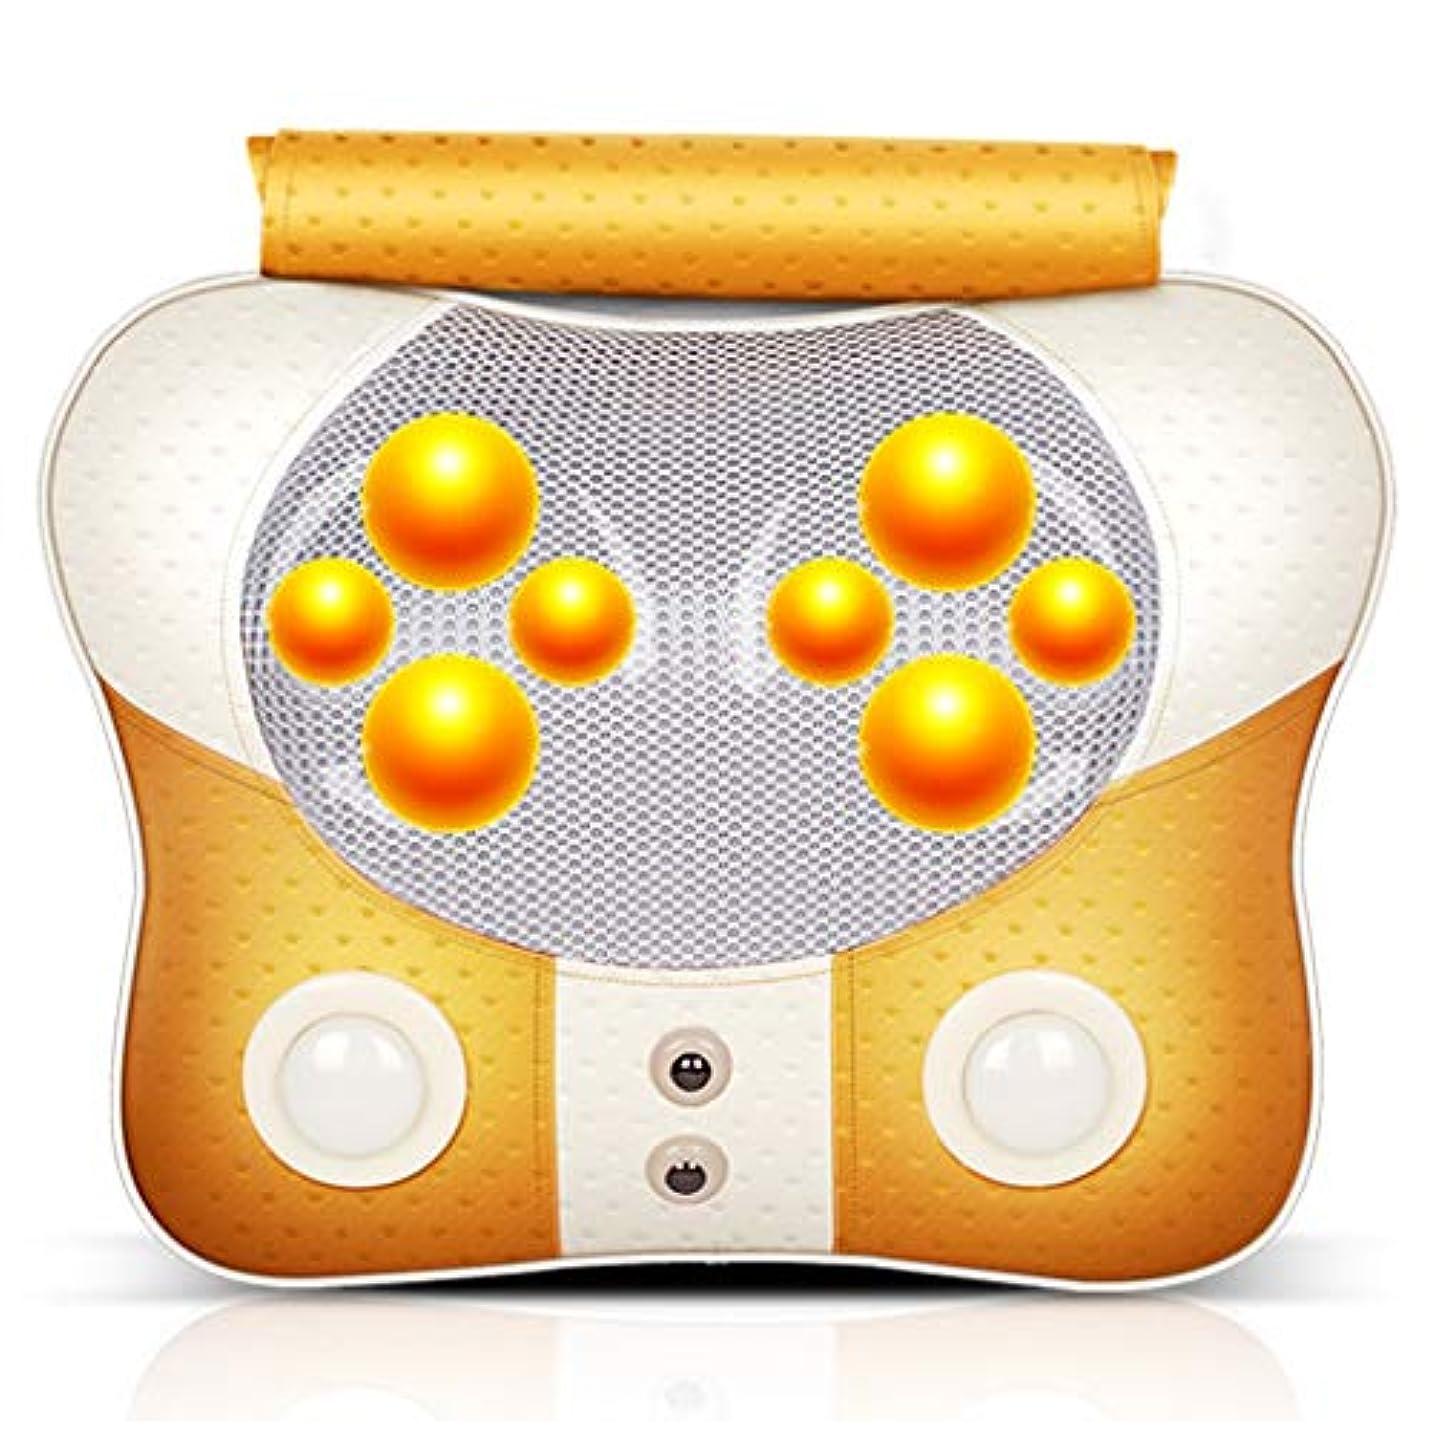 摩擦原理納税者マッサージ電気の 加熱された 多目的 ネック 指圧 マッサージ 杭打ち ウエスト マッサージャー 子宮頸椎 マッサージピロー 全身 マッサージ クッション。 MAG.AL,イエロー